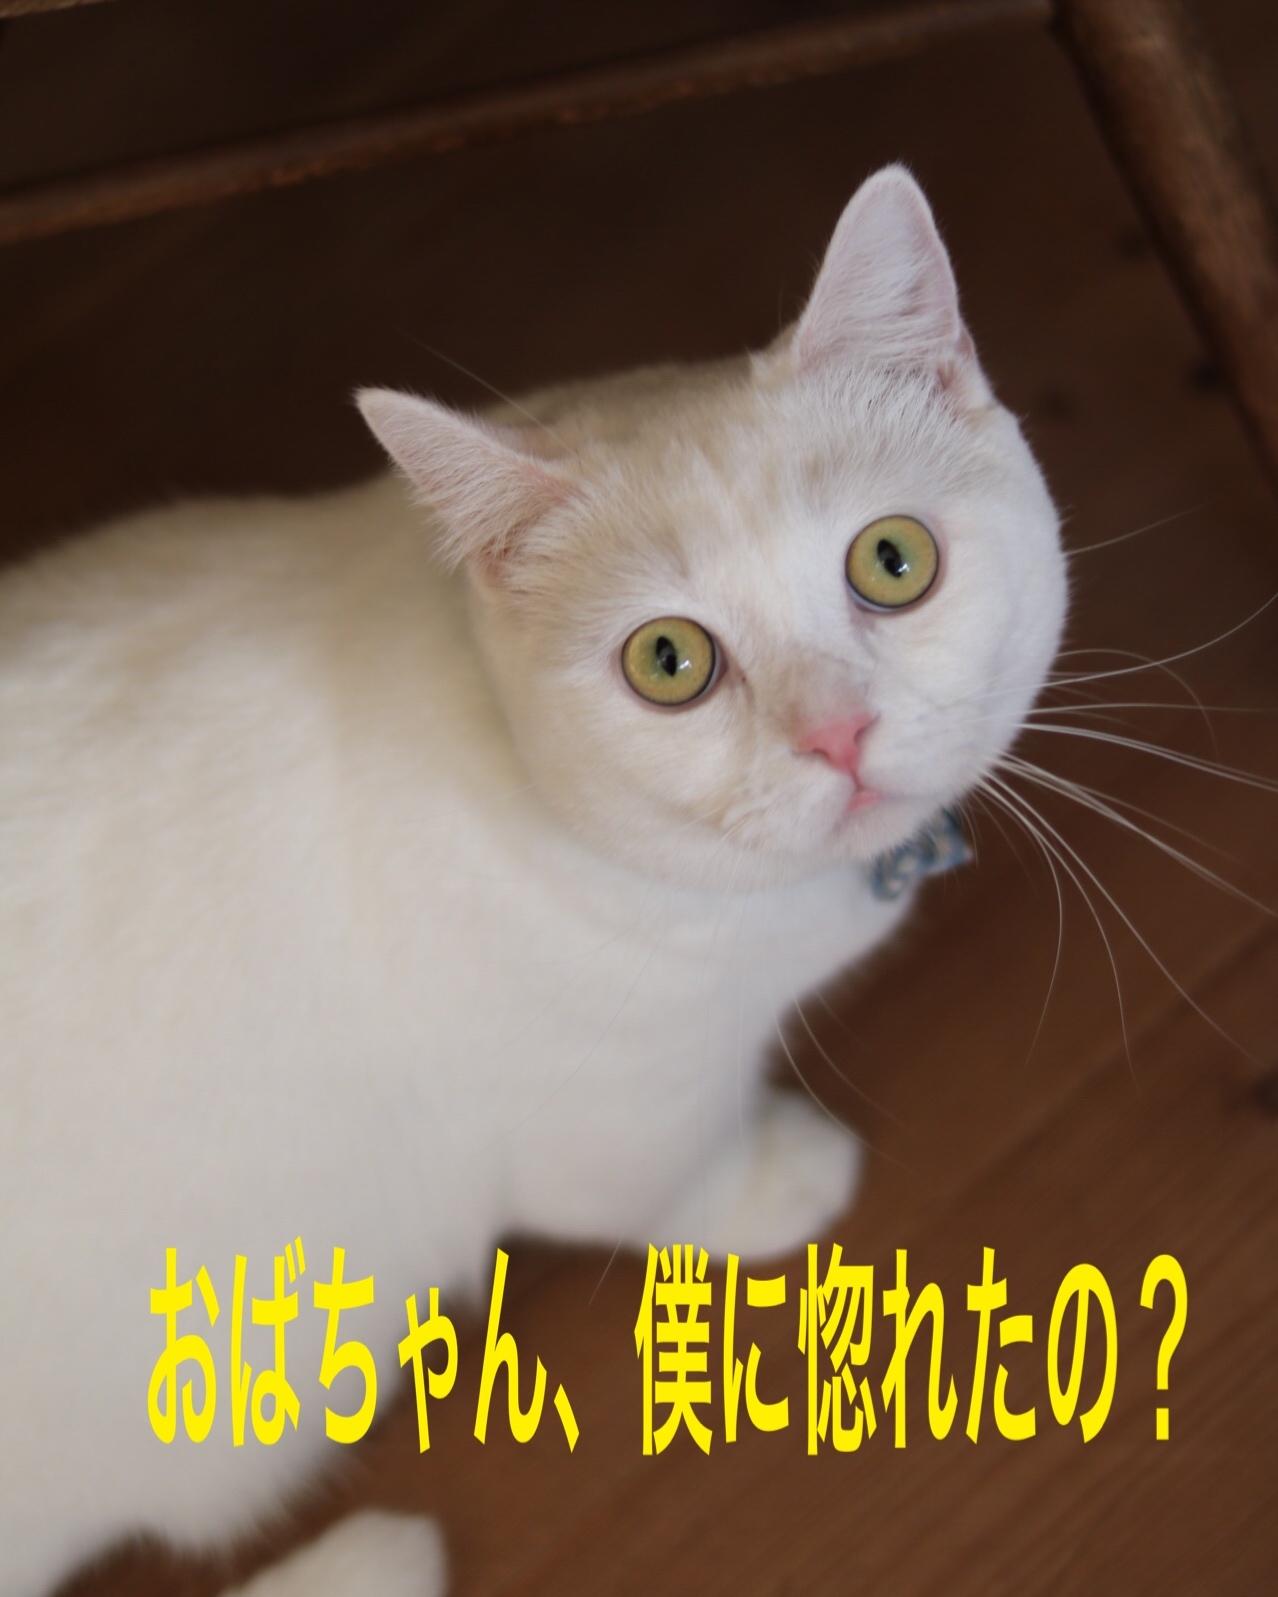 にゃんこ劇場「看板にゃんこ福ちゃん」_c0366722_04413689.jpeg